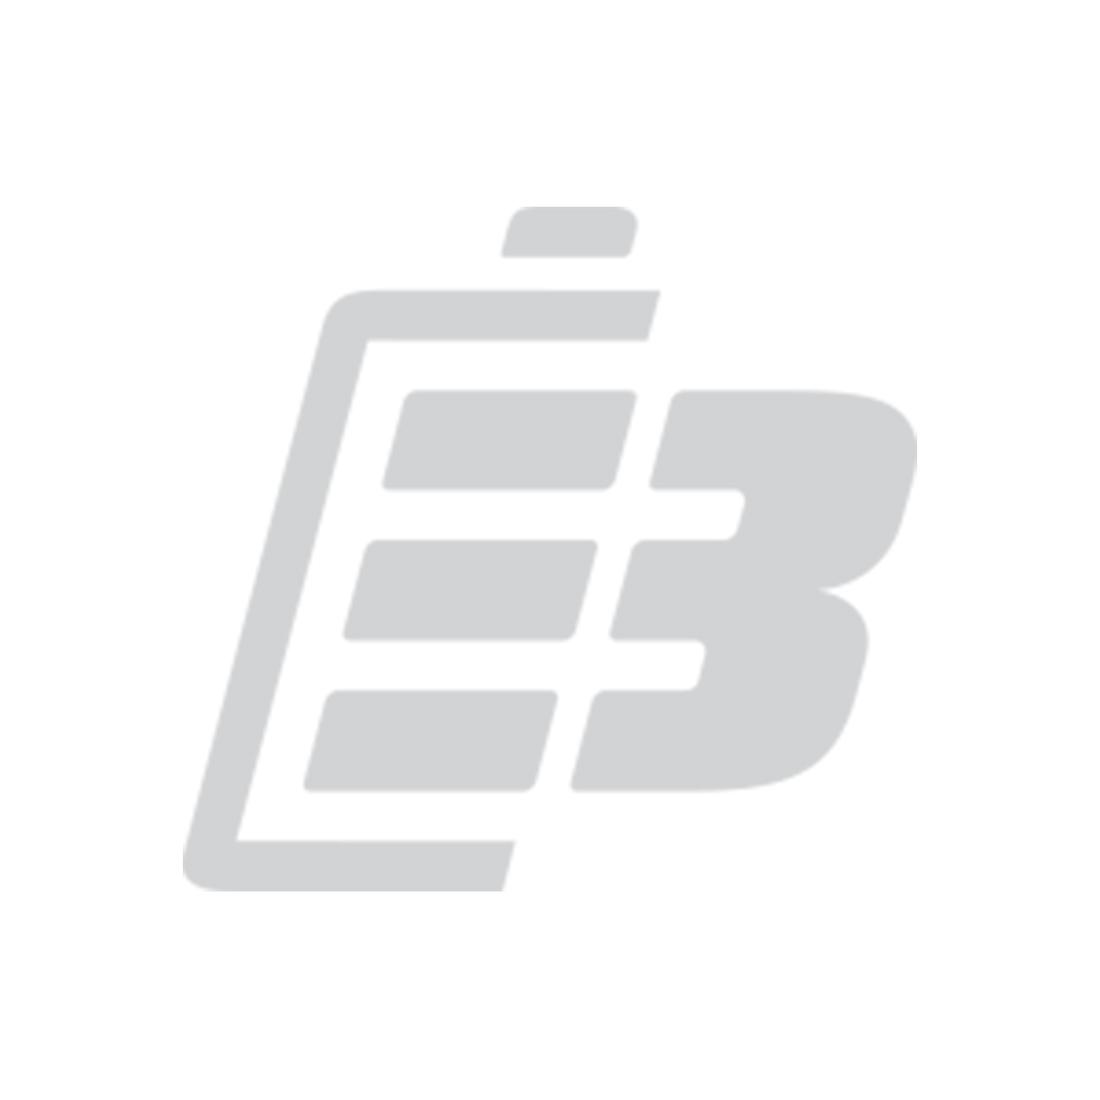 Μπαταρία smartphone Dell Streak Mini 5 ενισχυμένη_1